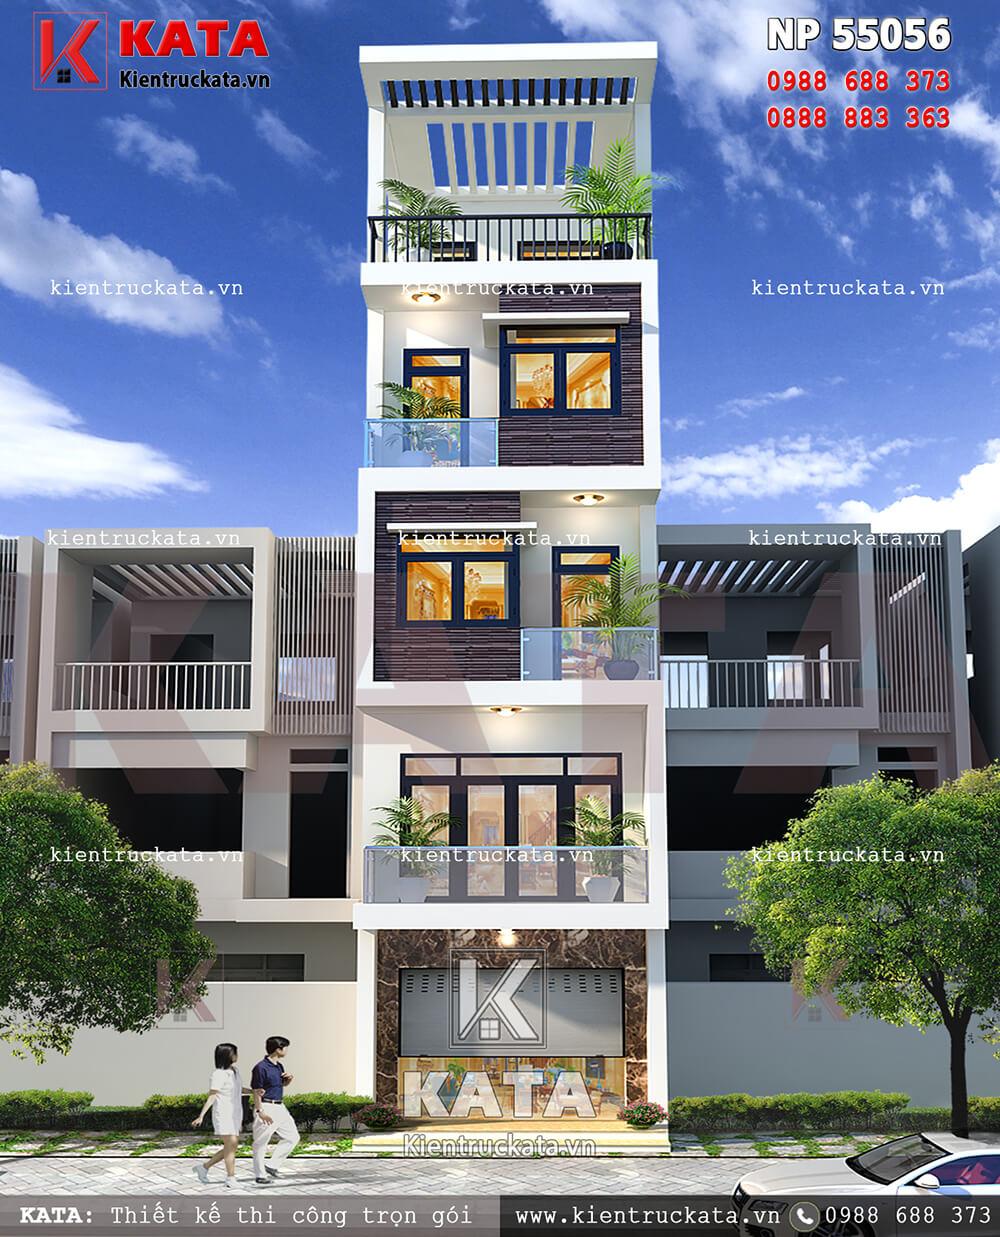 Mặt tiền mẫu nhà ống 5 tầng hiện đại đẹp tại Nha Trang